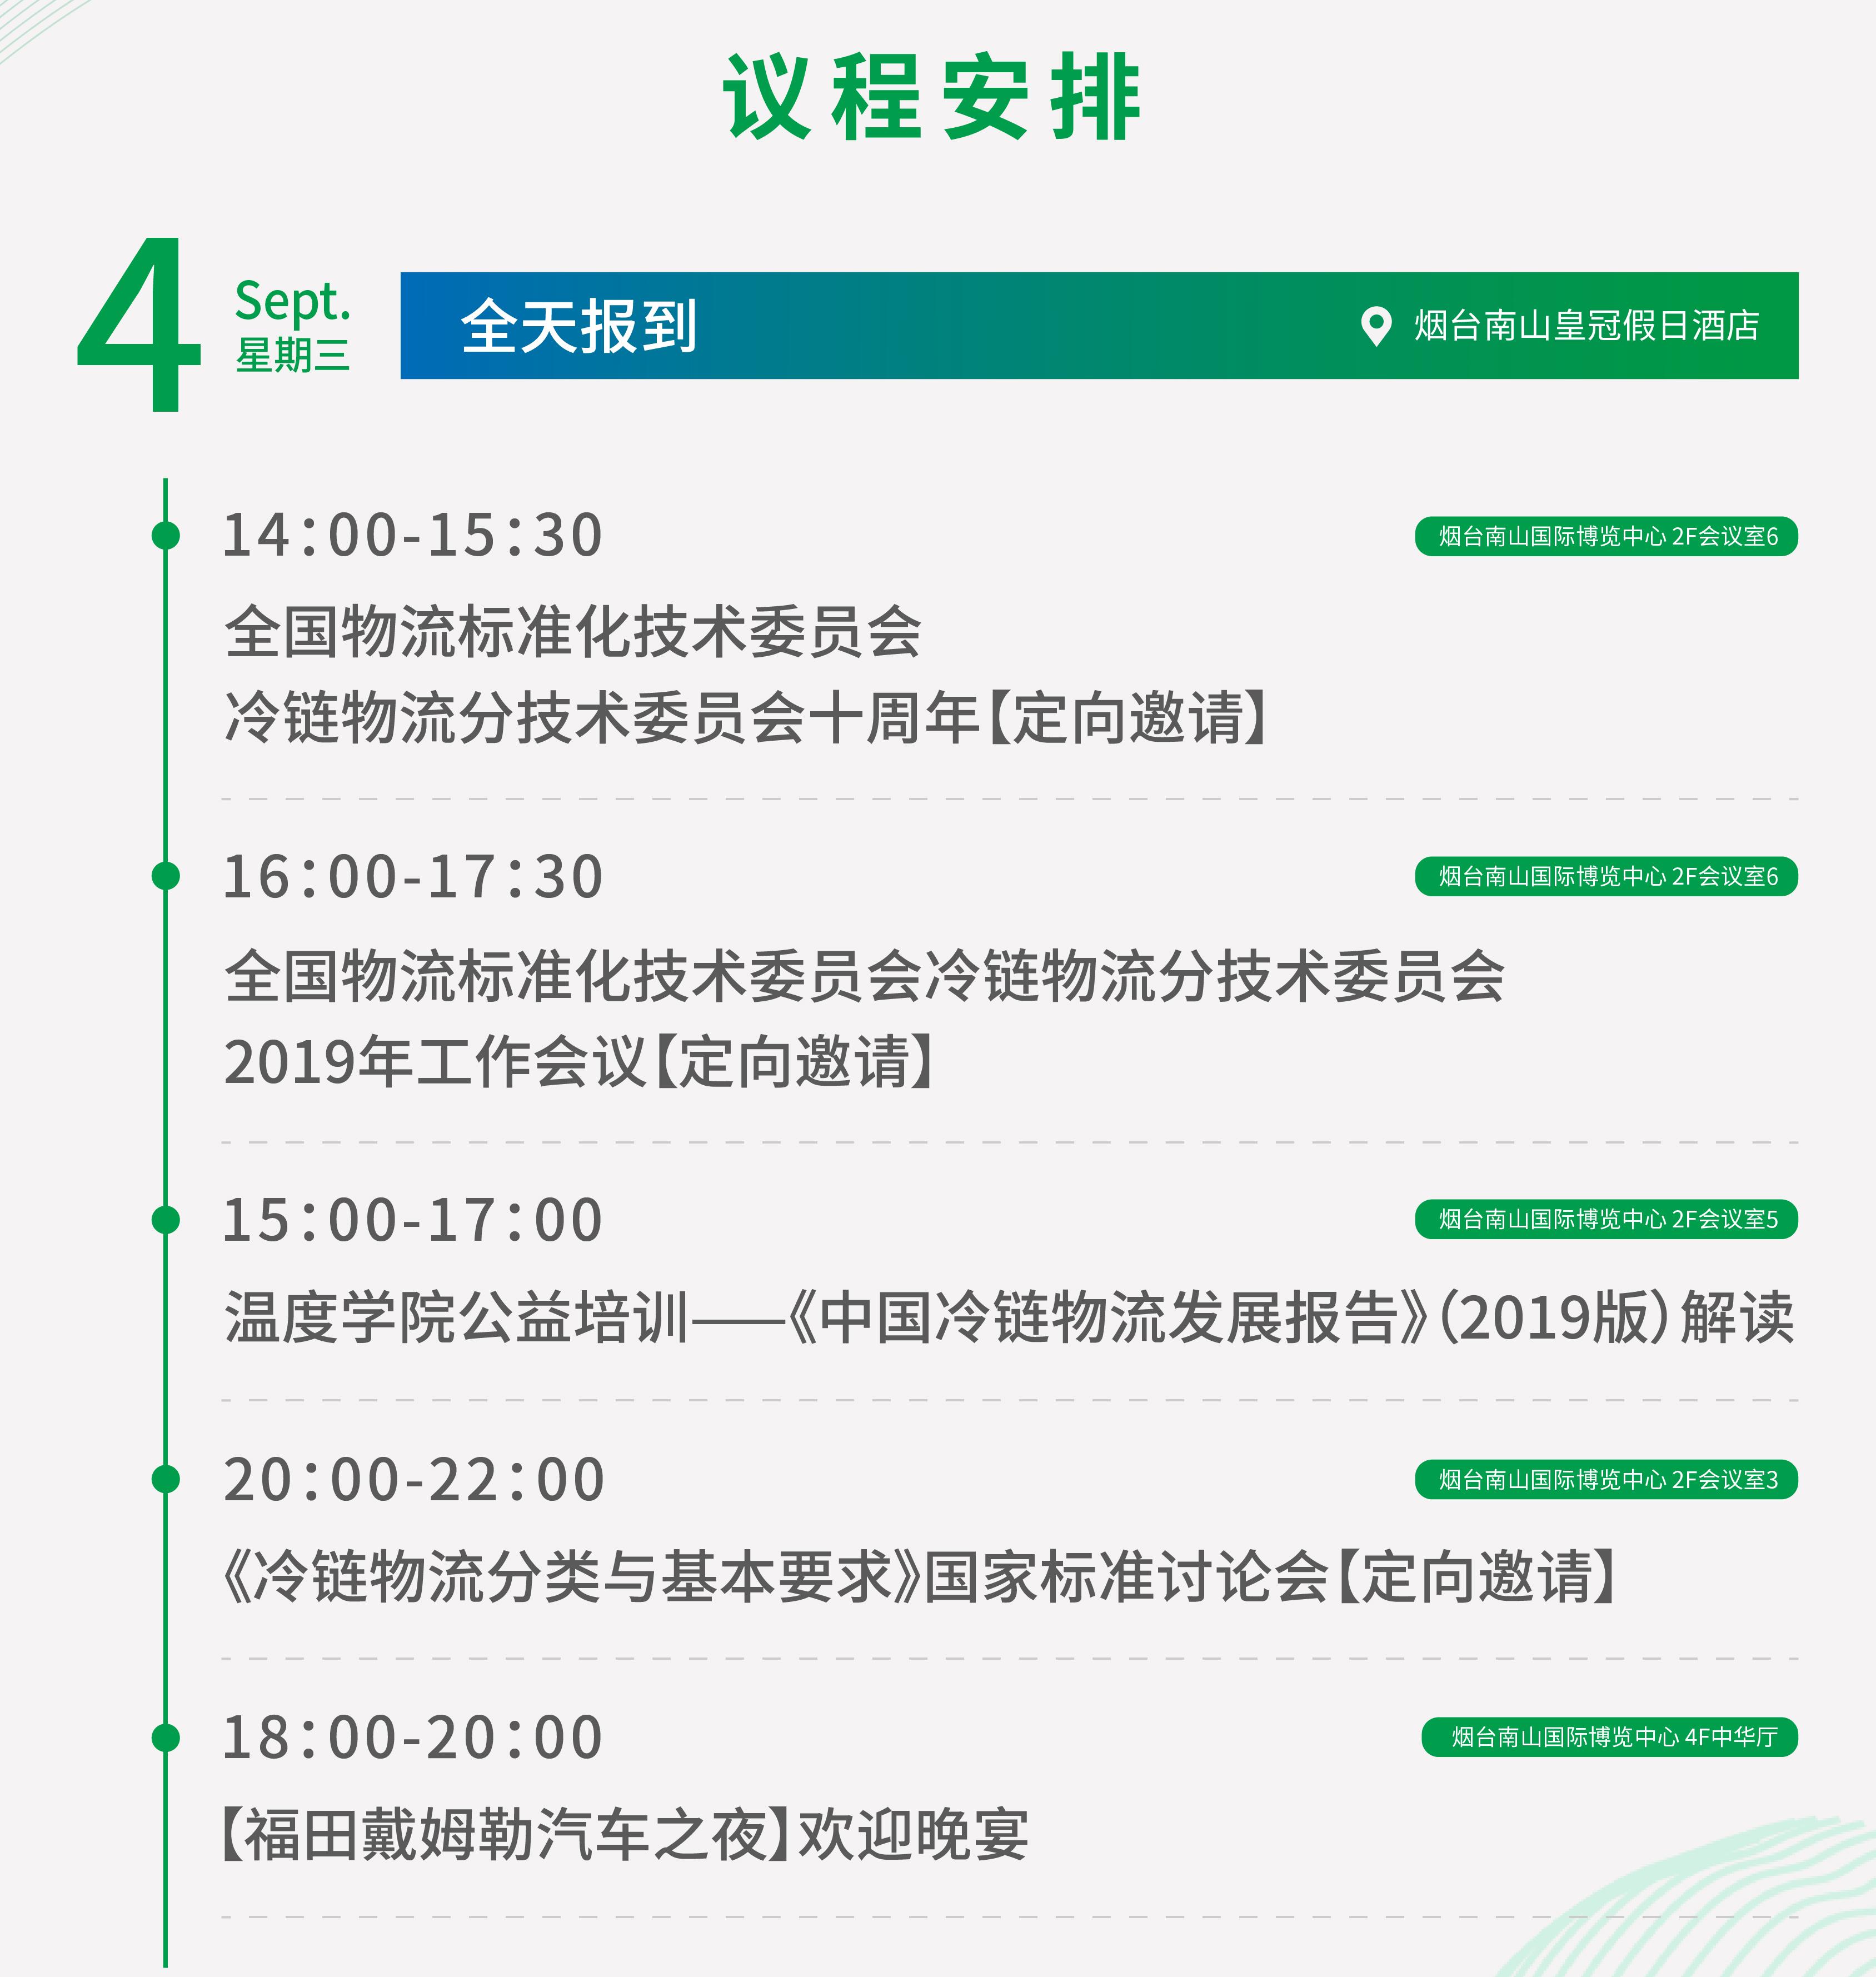 第七届中国农产品供应链峰会暨 2019生鲜零售供应链论坛(烟台)